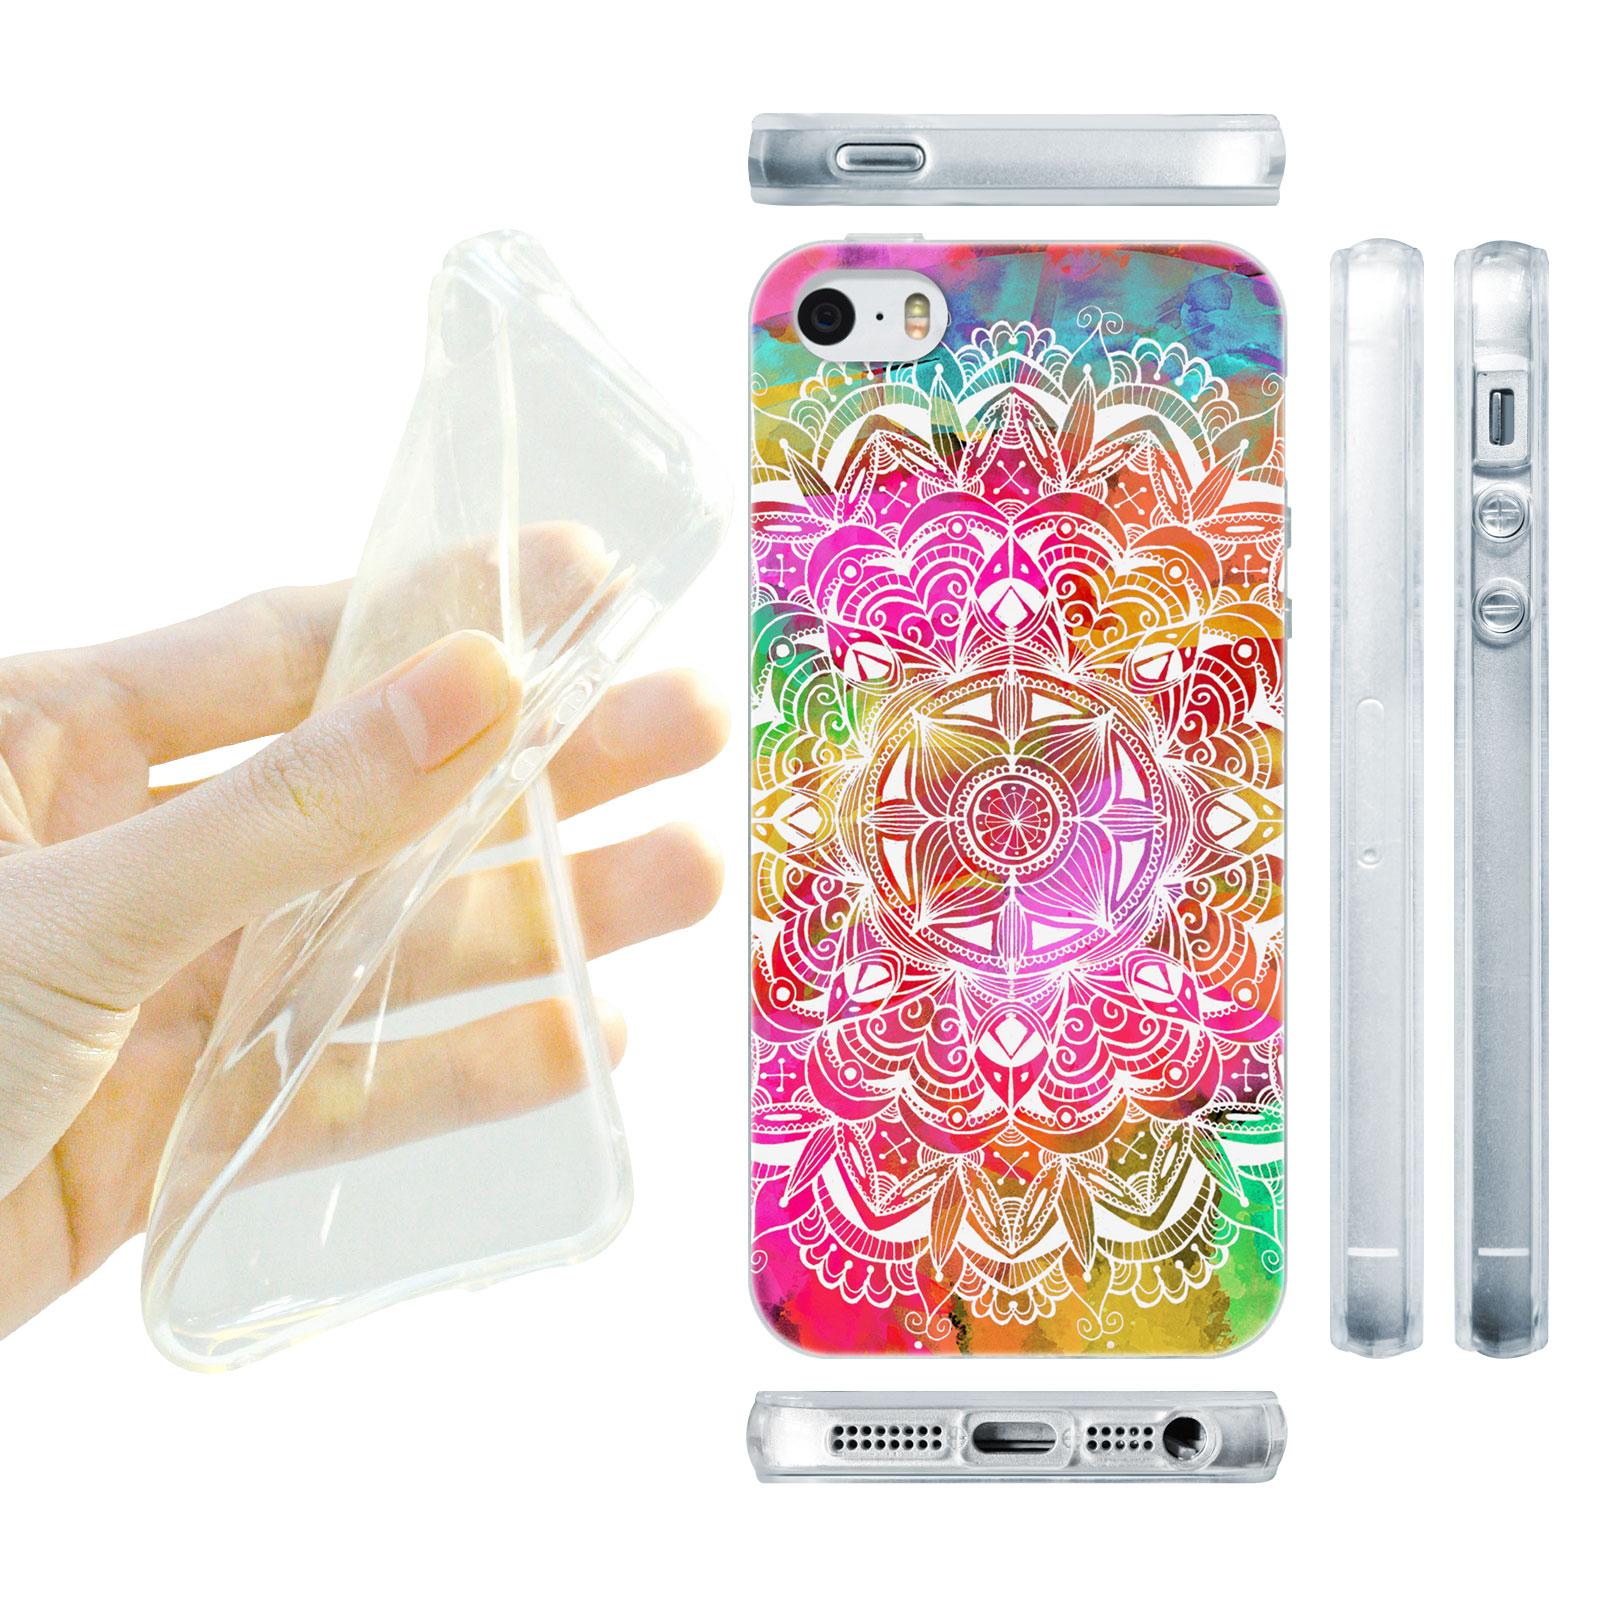 HEAD CASE silikonový obal na mobil Iphone 5 5S barevná mandala vodní barva 45cf742ee32